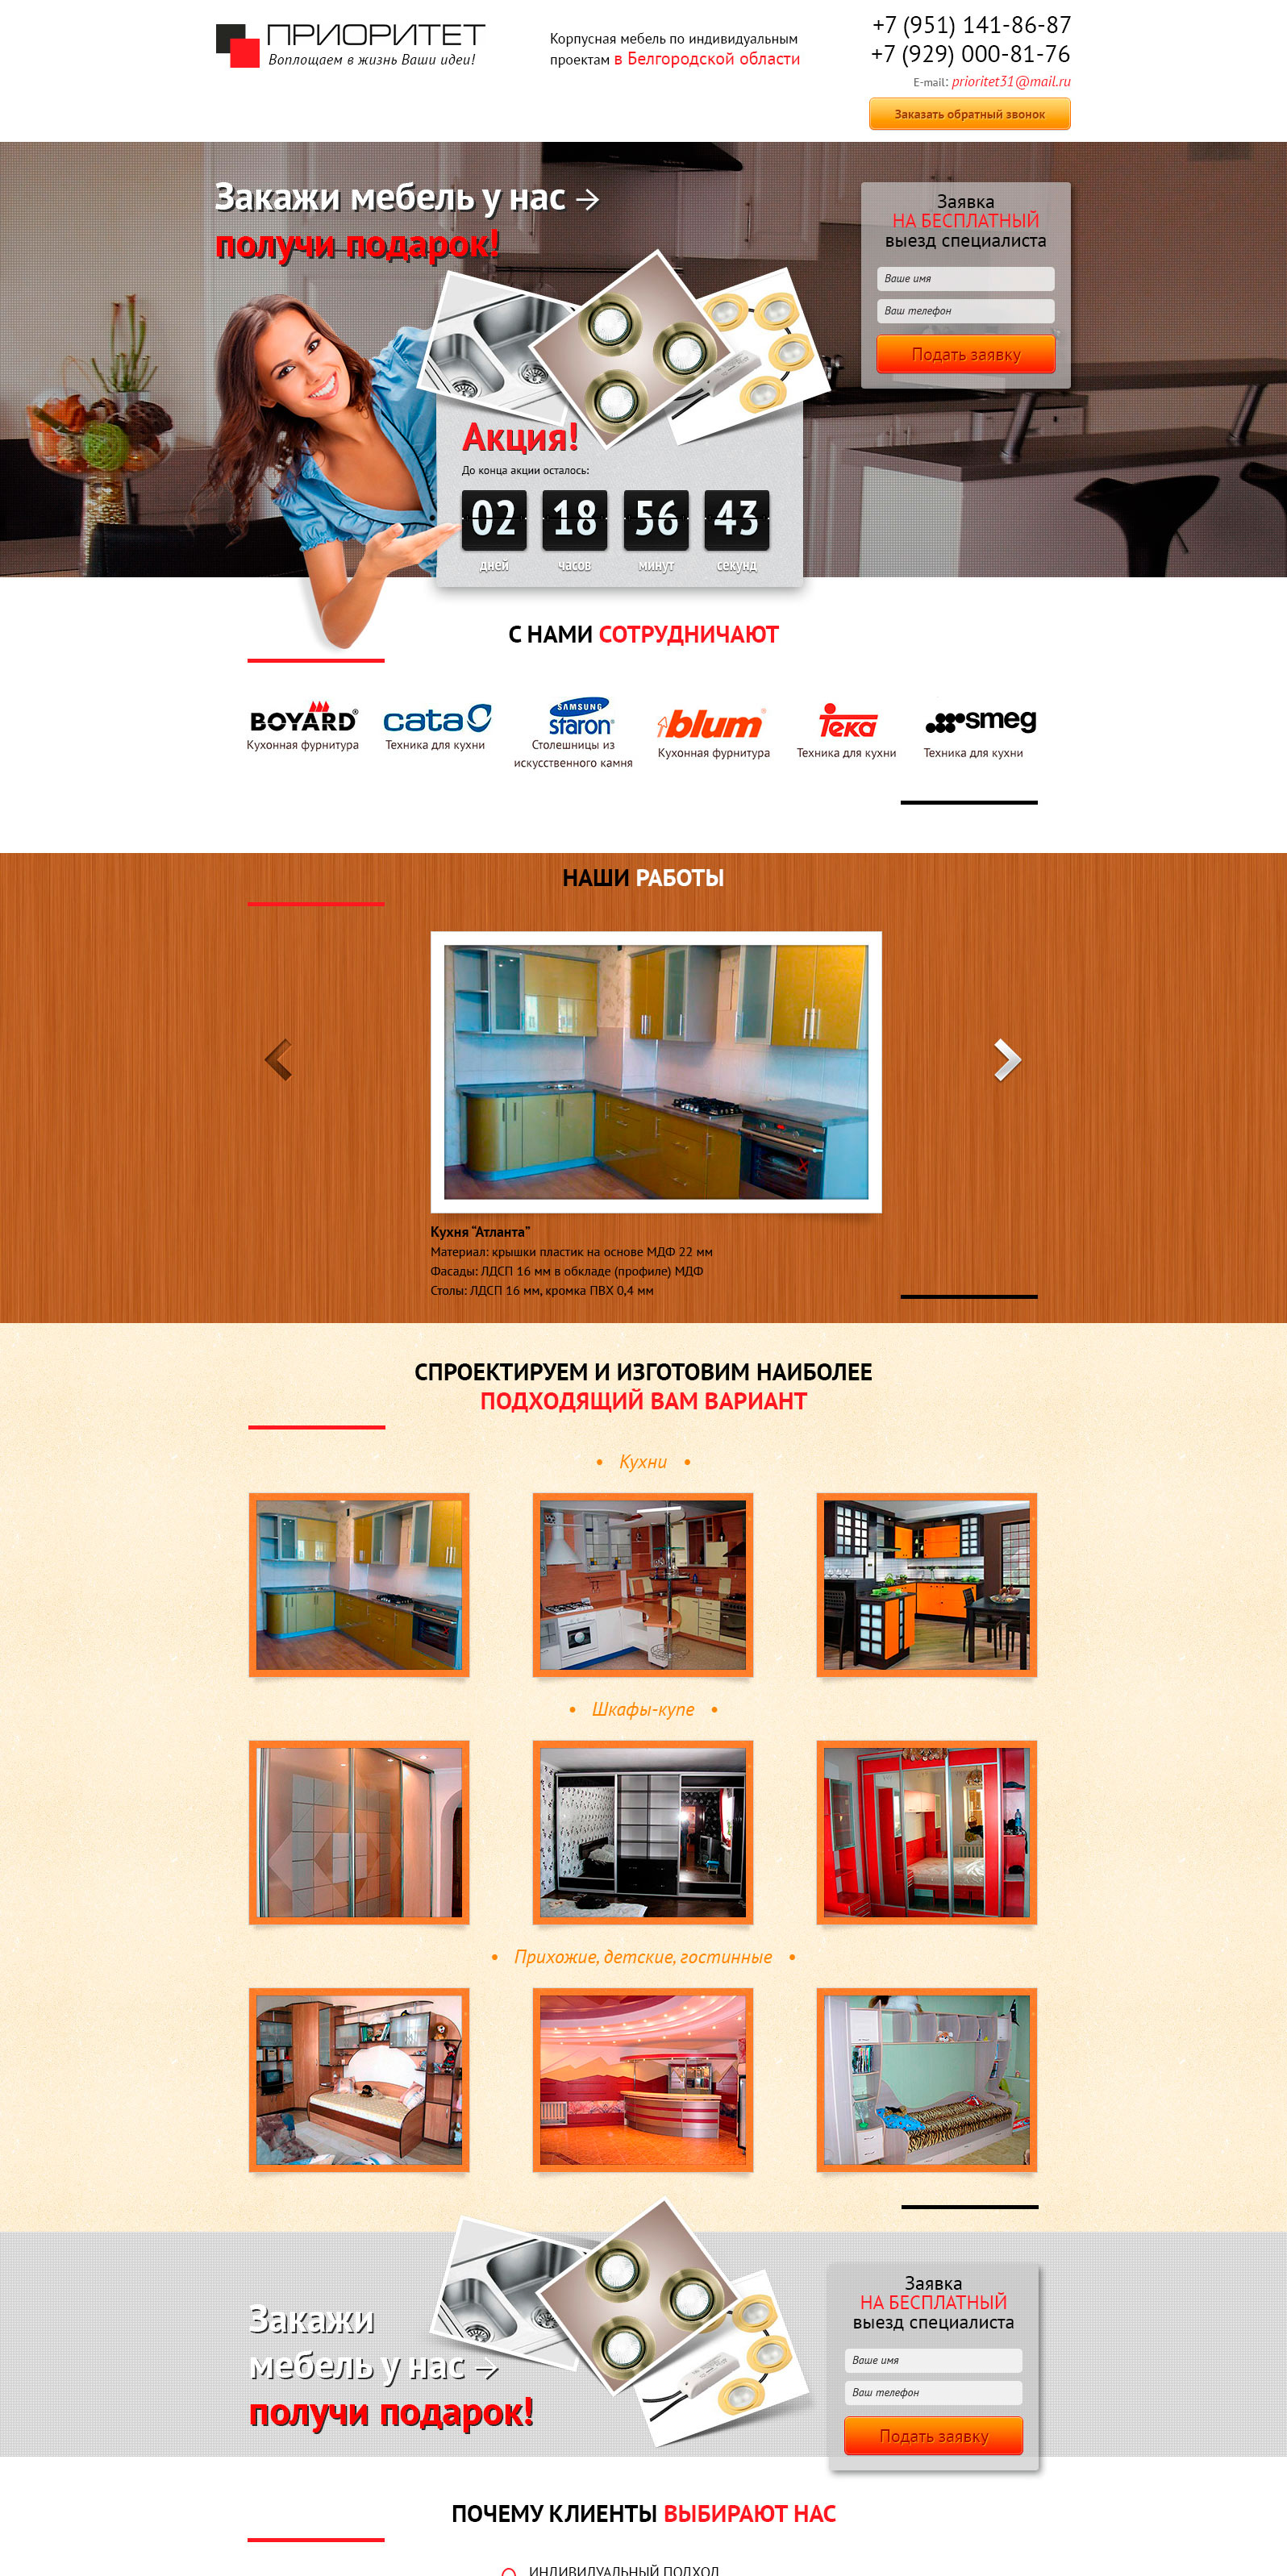 Landing page (лендинг пейдж) корпусная мебель по инд. проект.